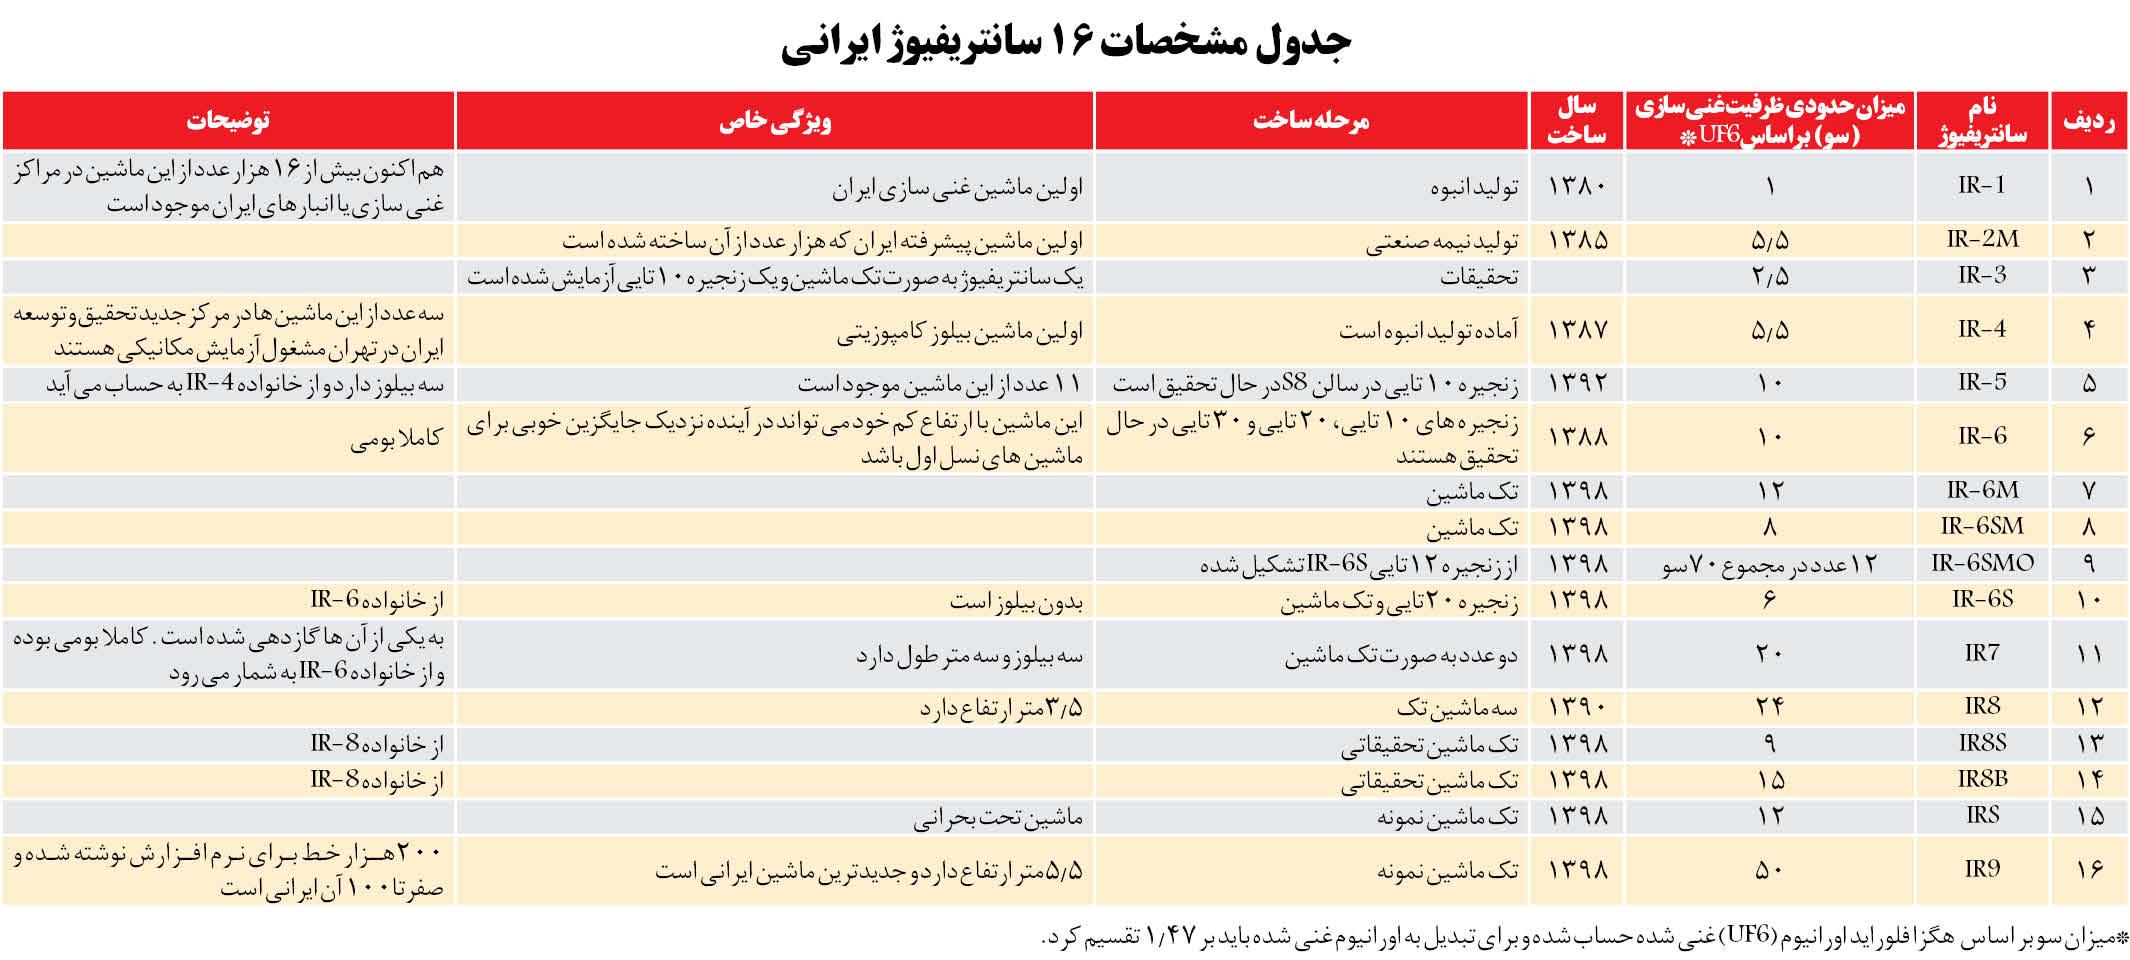 مشخصات ۱۶ سانتریفیوژ ایرانی + جدول